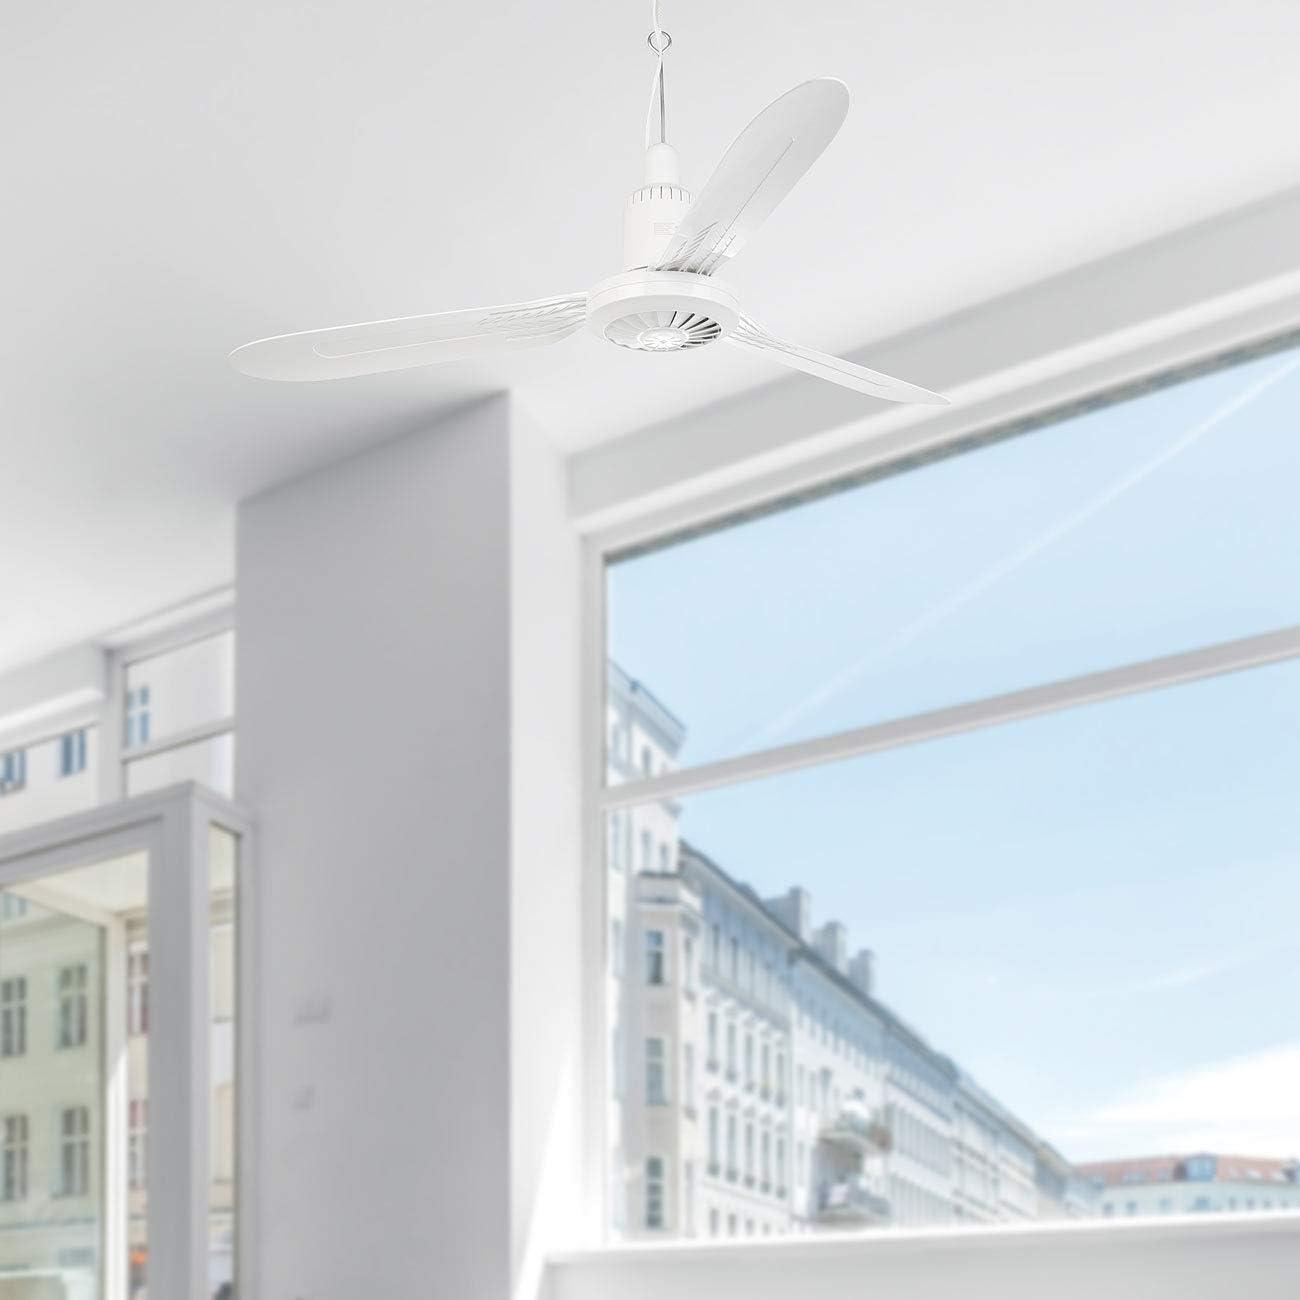 105cm Sichler Haushaltsger/äte Ventilateur de plafond mobile 3 pales /à suspendre VT-312.m avec minuteur